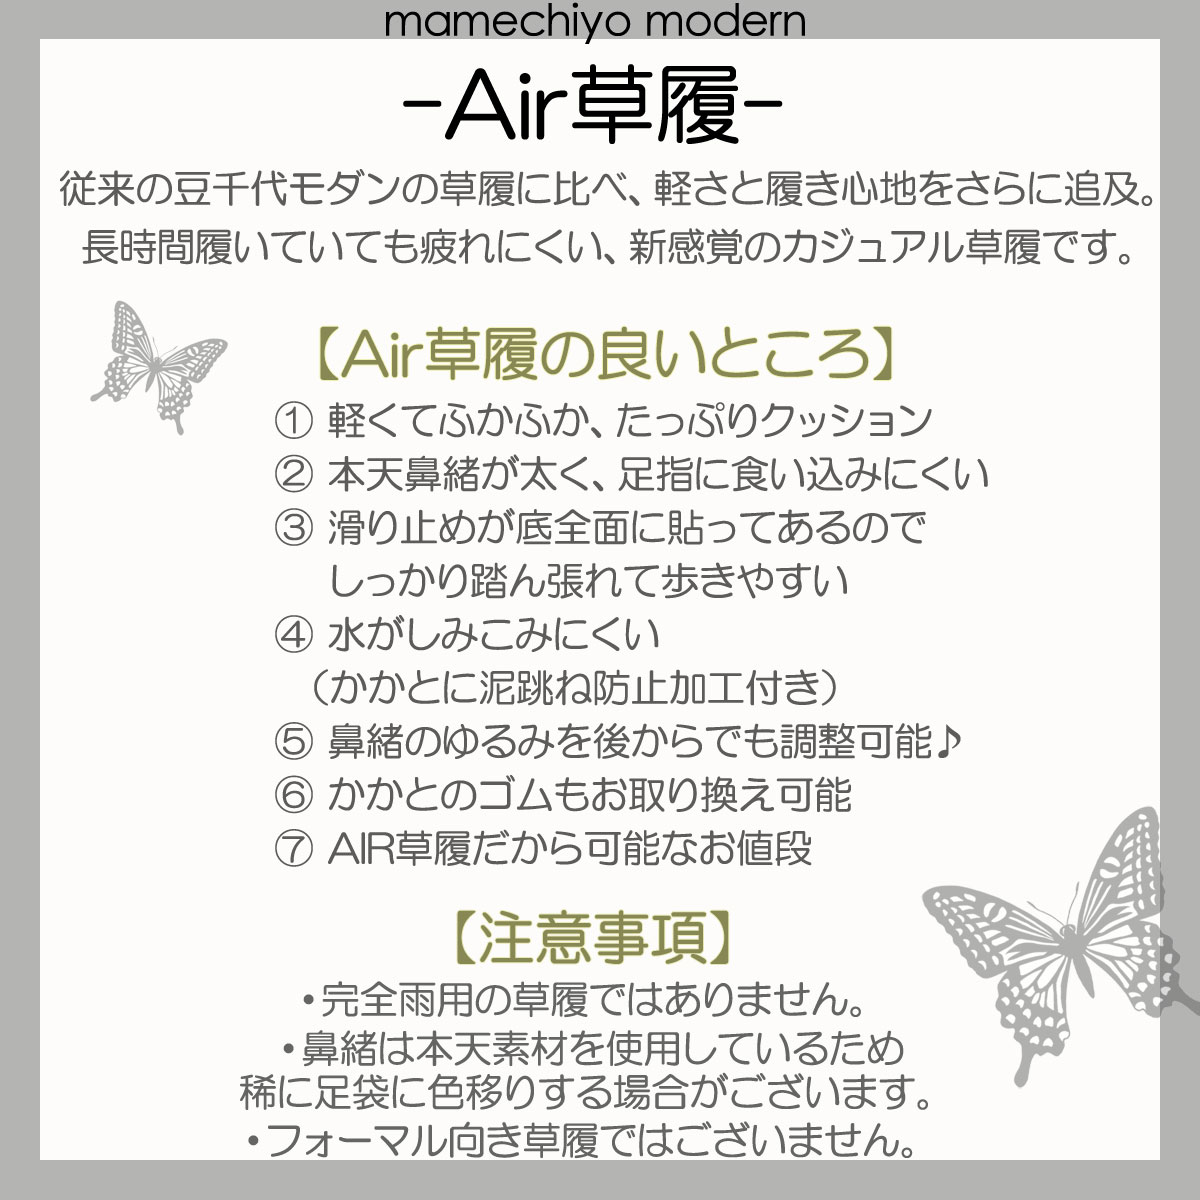 【受注品】AIR草履 レディ*バタフライ黒 黒鼻緒 (S・M・Lサイズ)